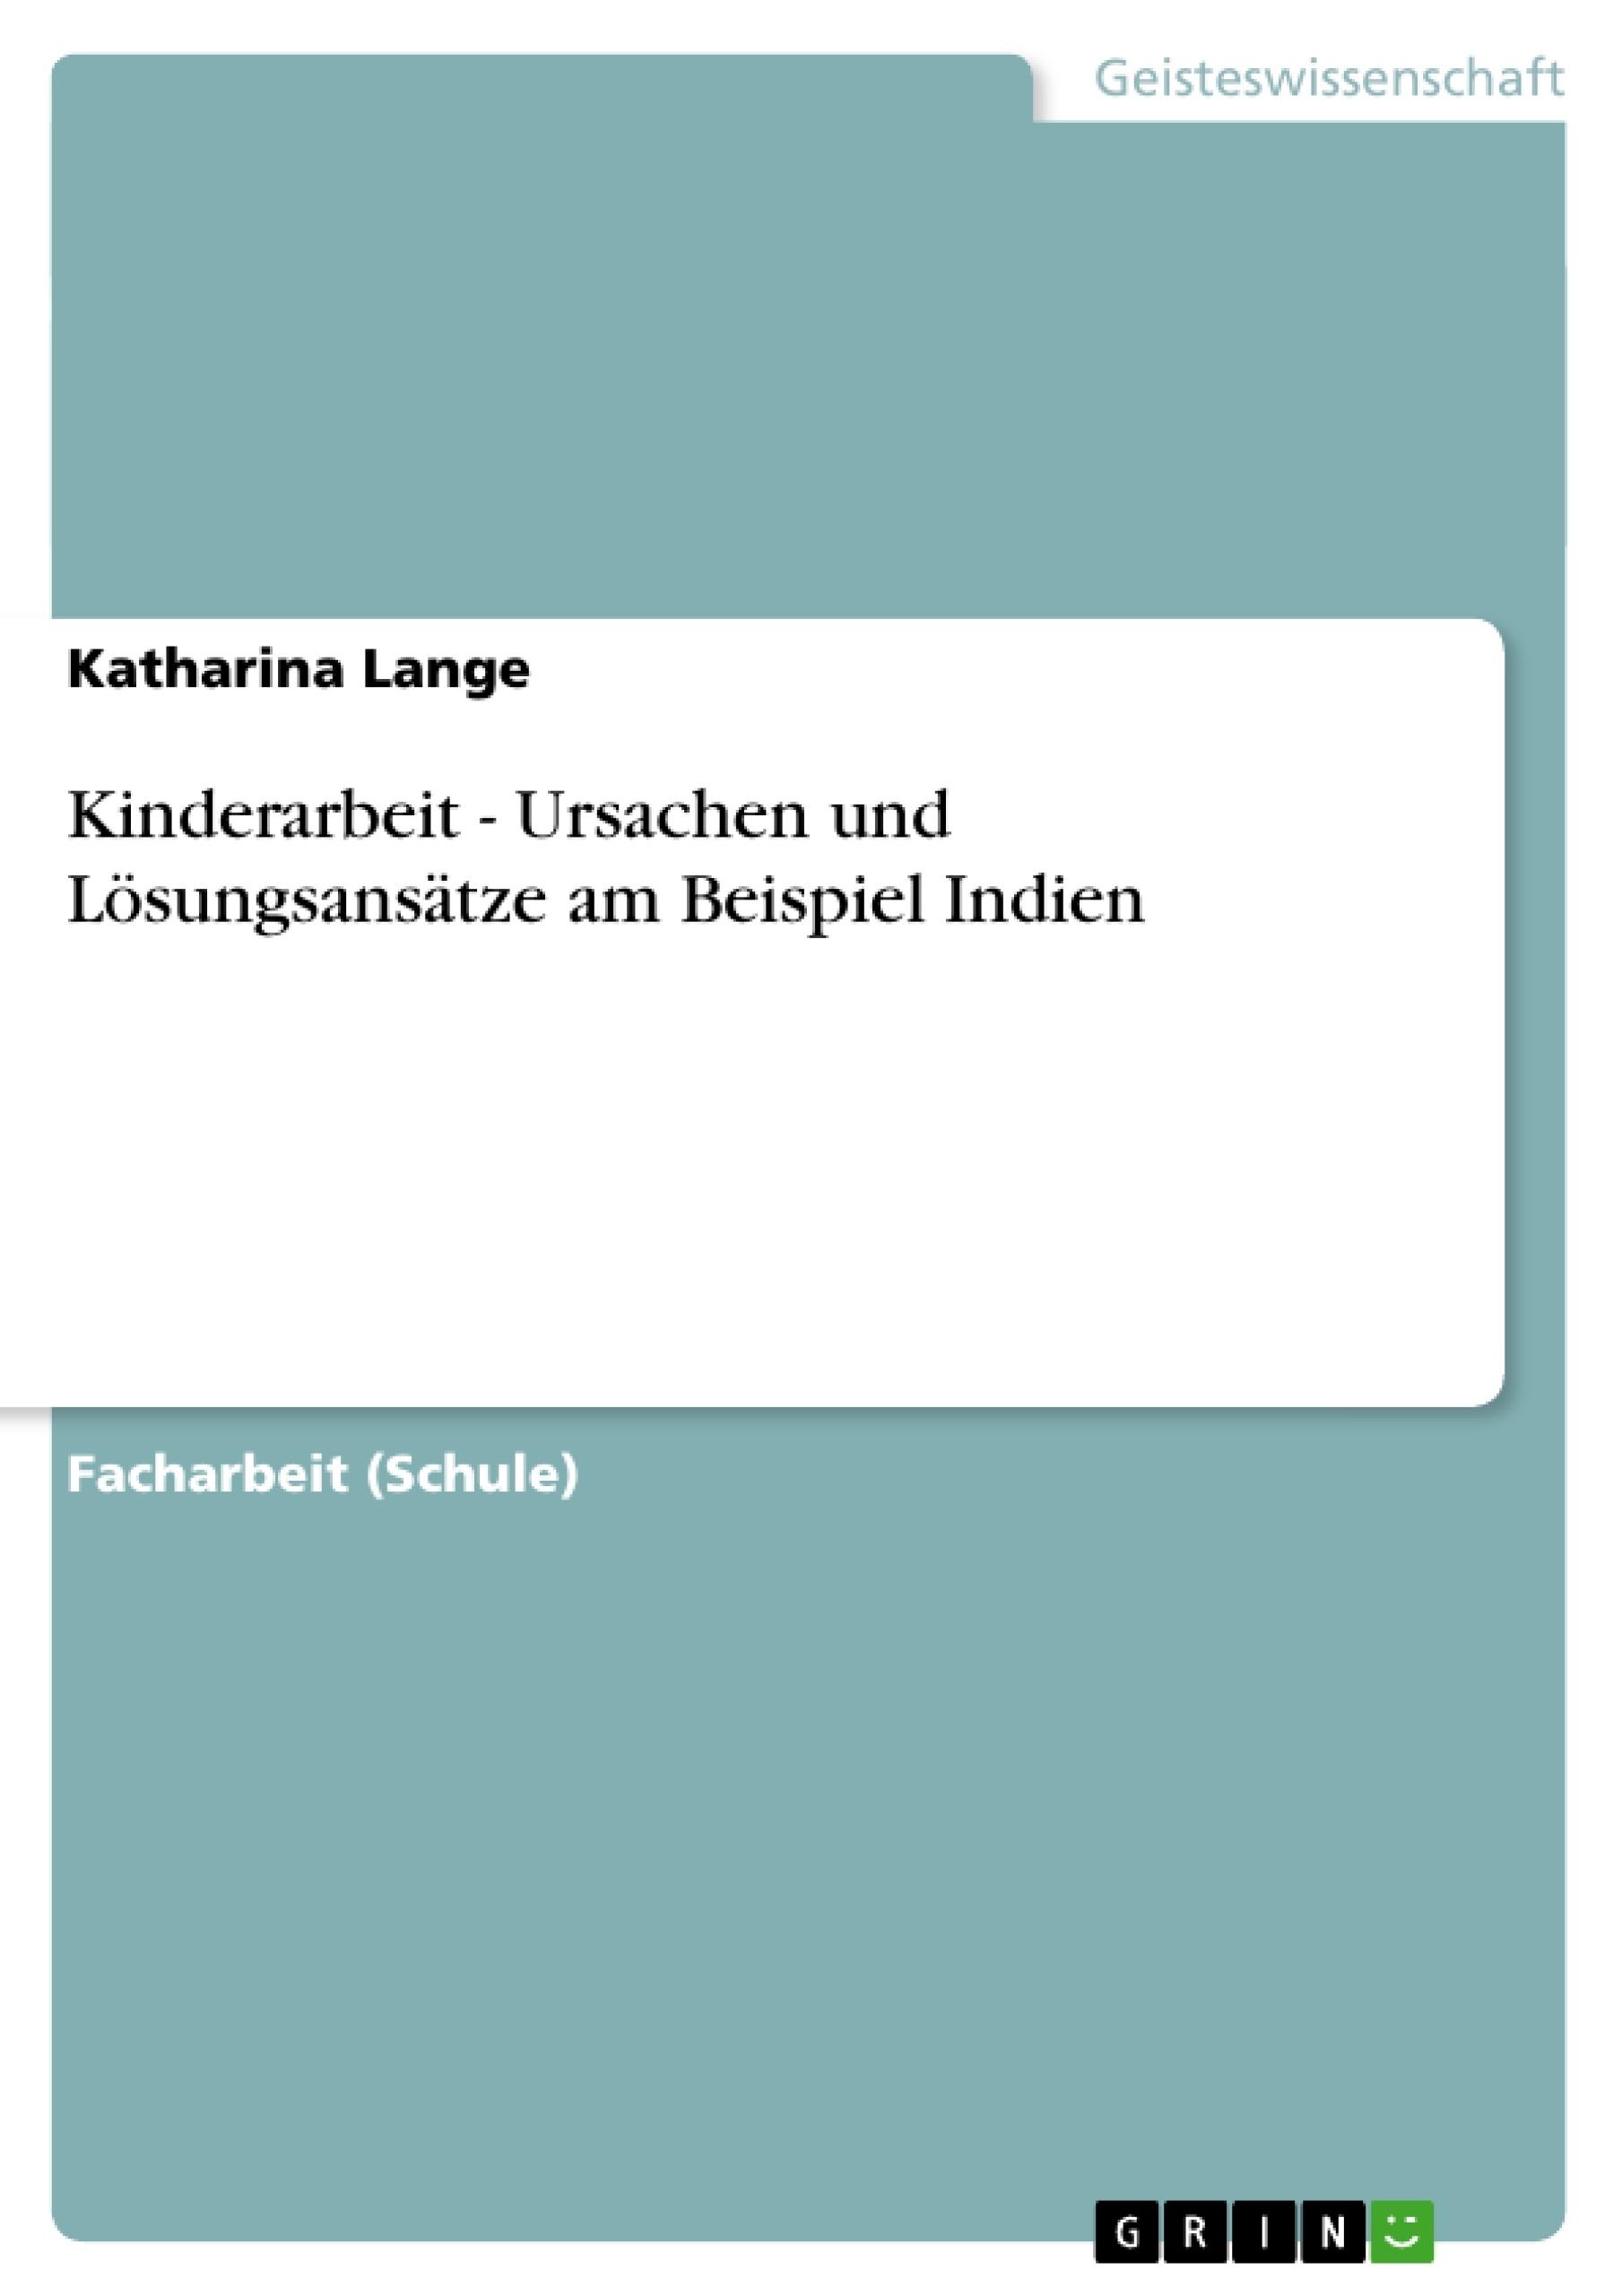 Titel: Kinderarbeit  - Ursachen und Lösungsansätze am Beispiel Indien